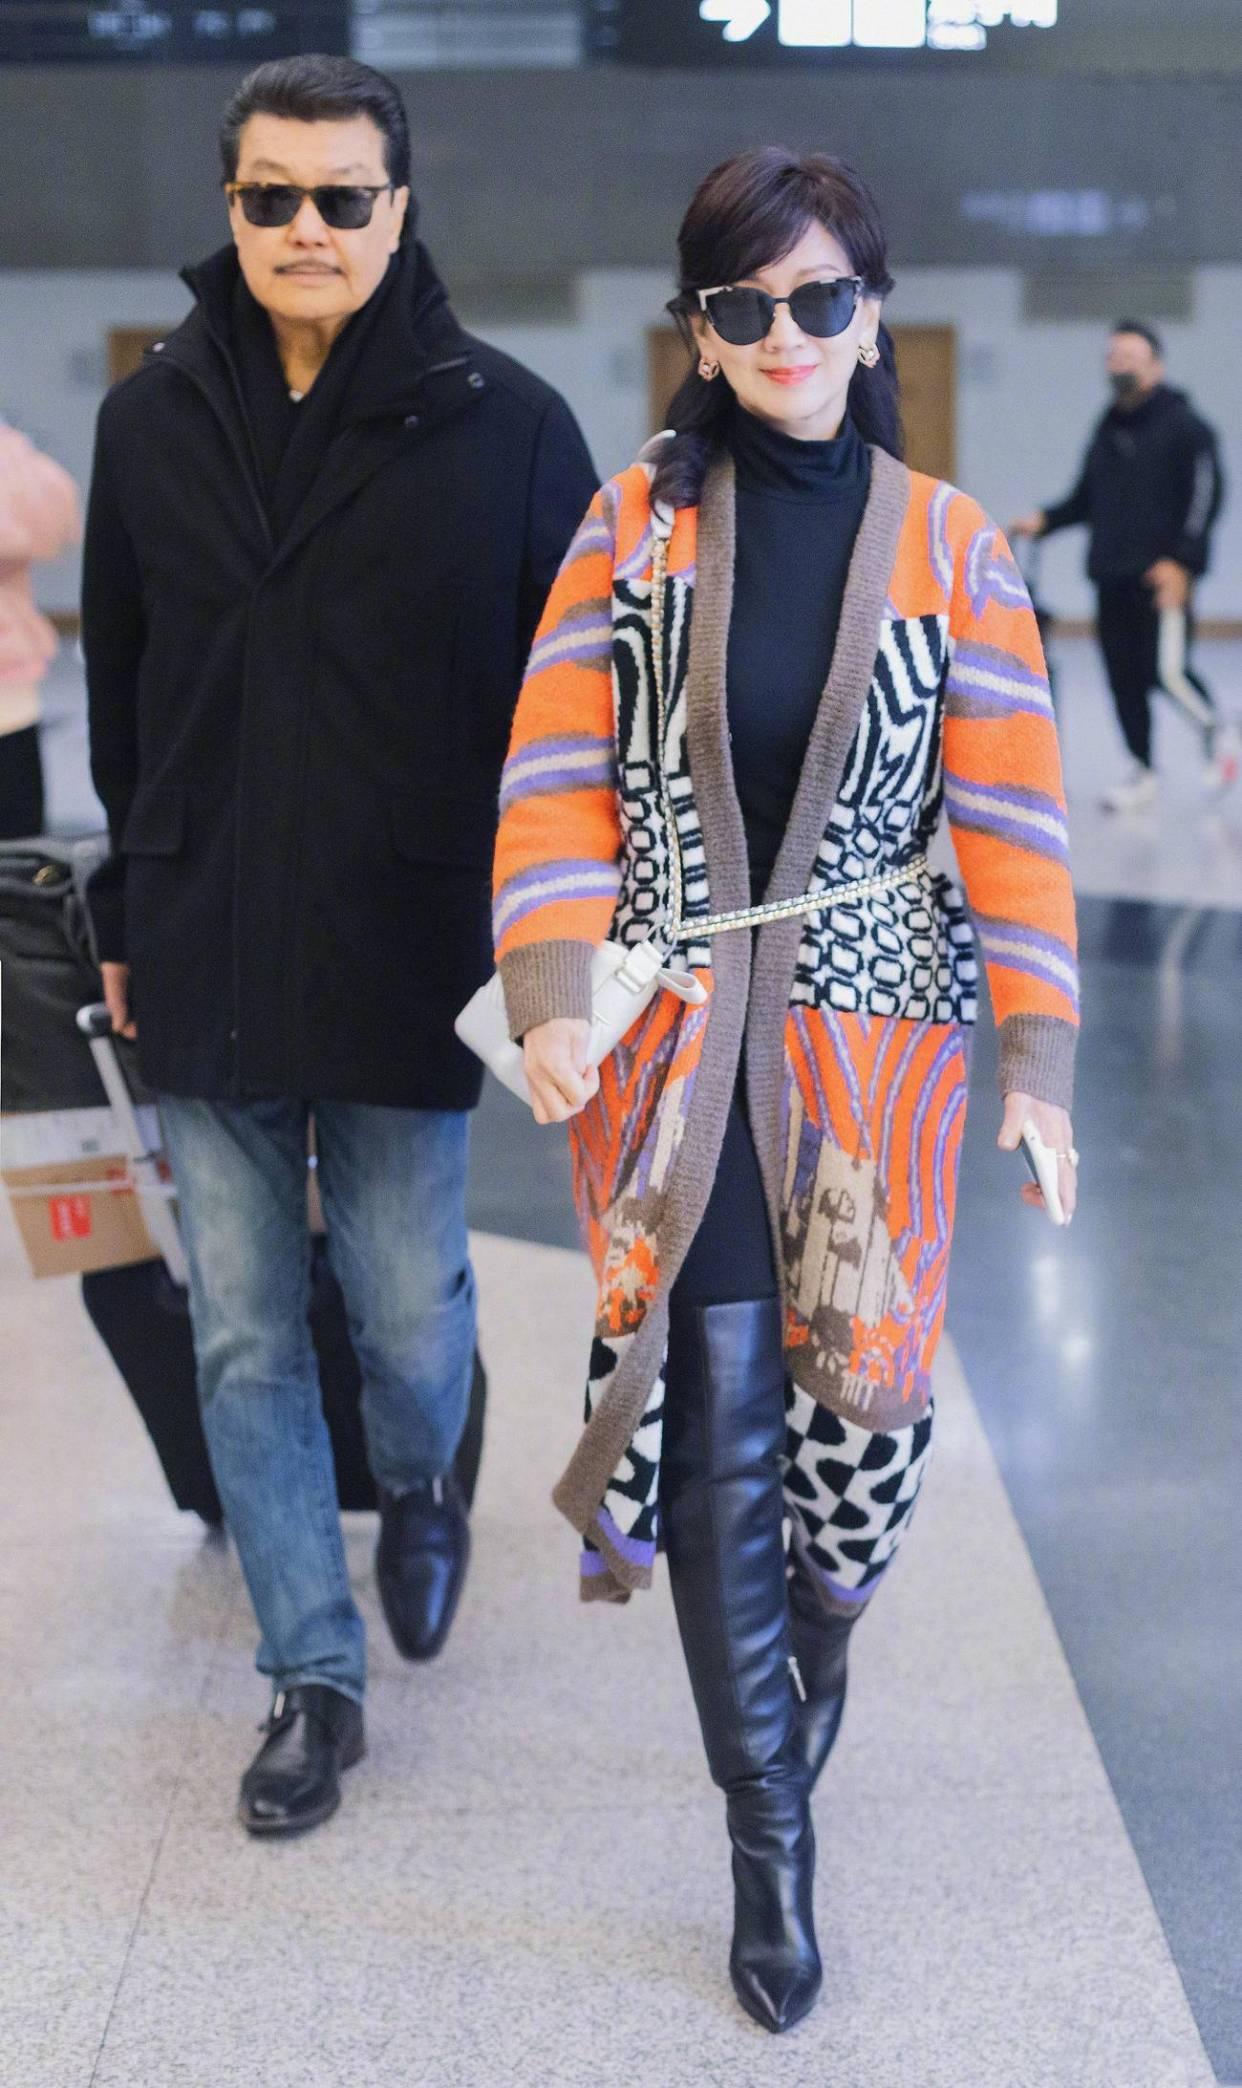 原创             赵雅芝黑色打底配亮色针织外套,包包背带扎腰好时髦,老公依旧帅